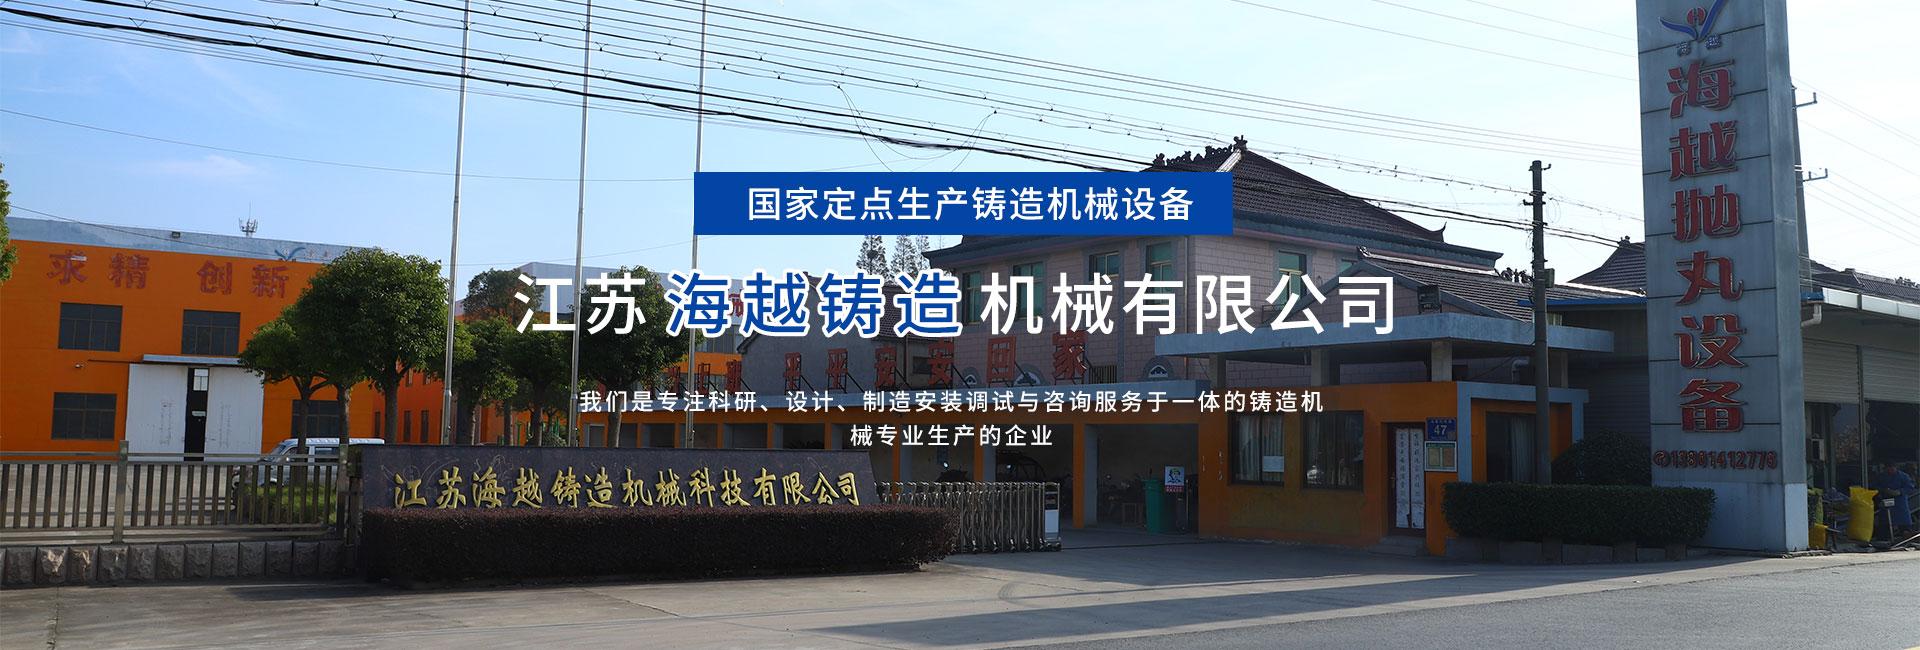 江苏海越铸造机械科技有限公司